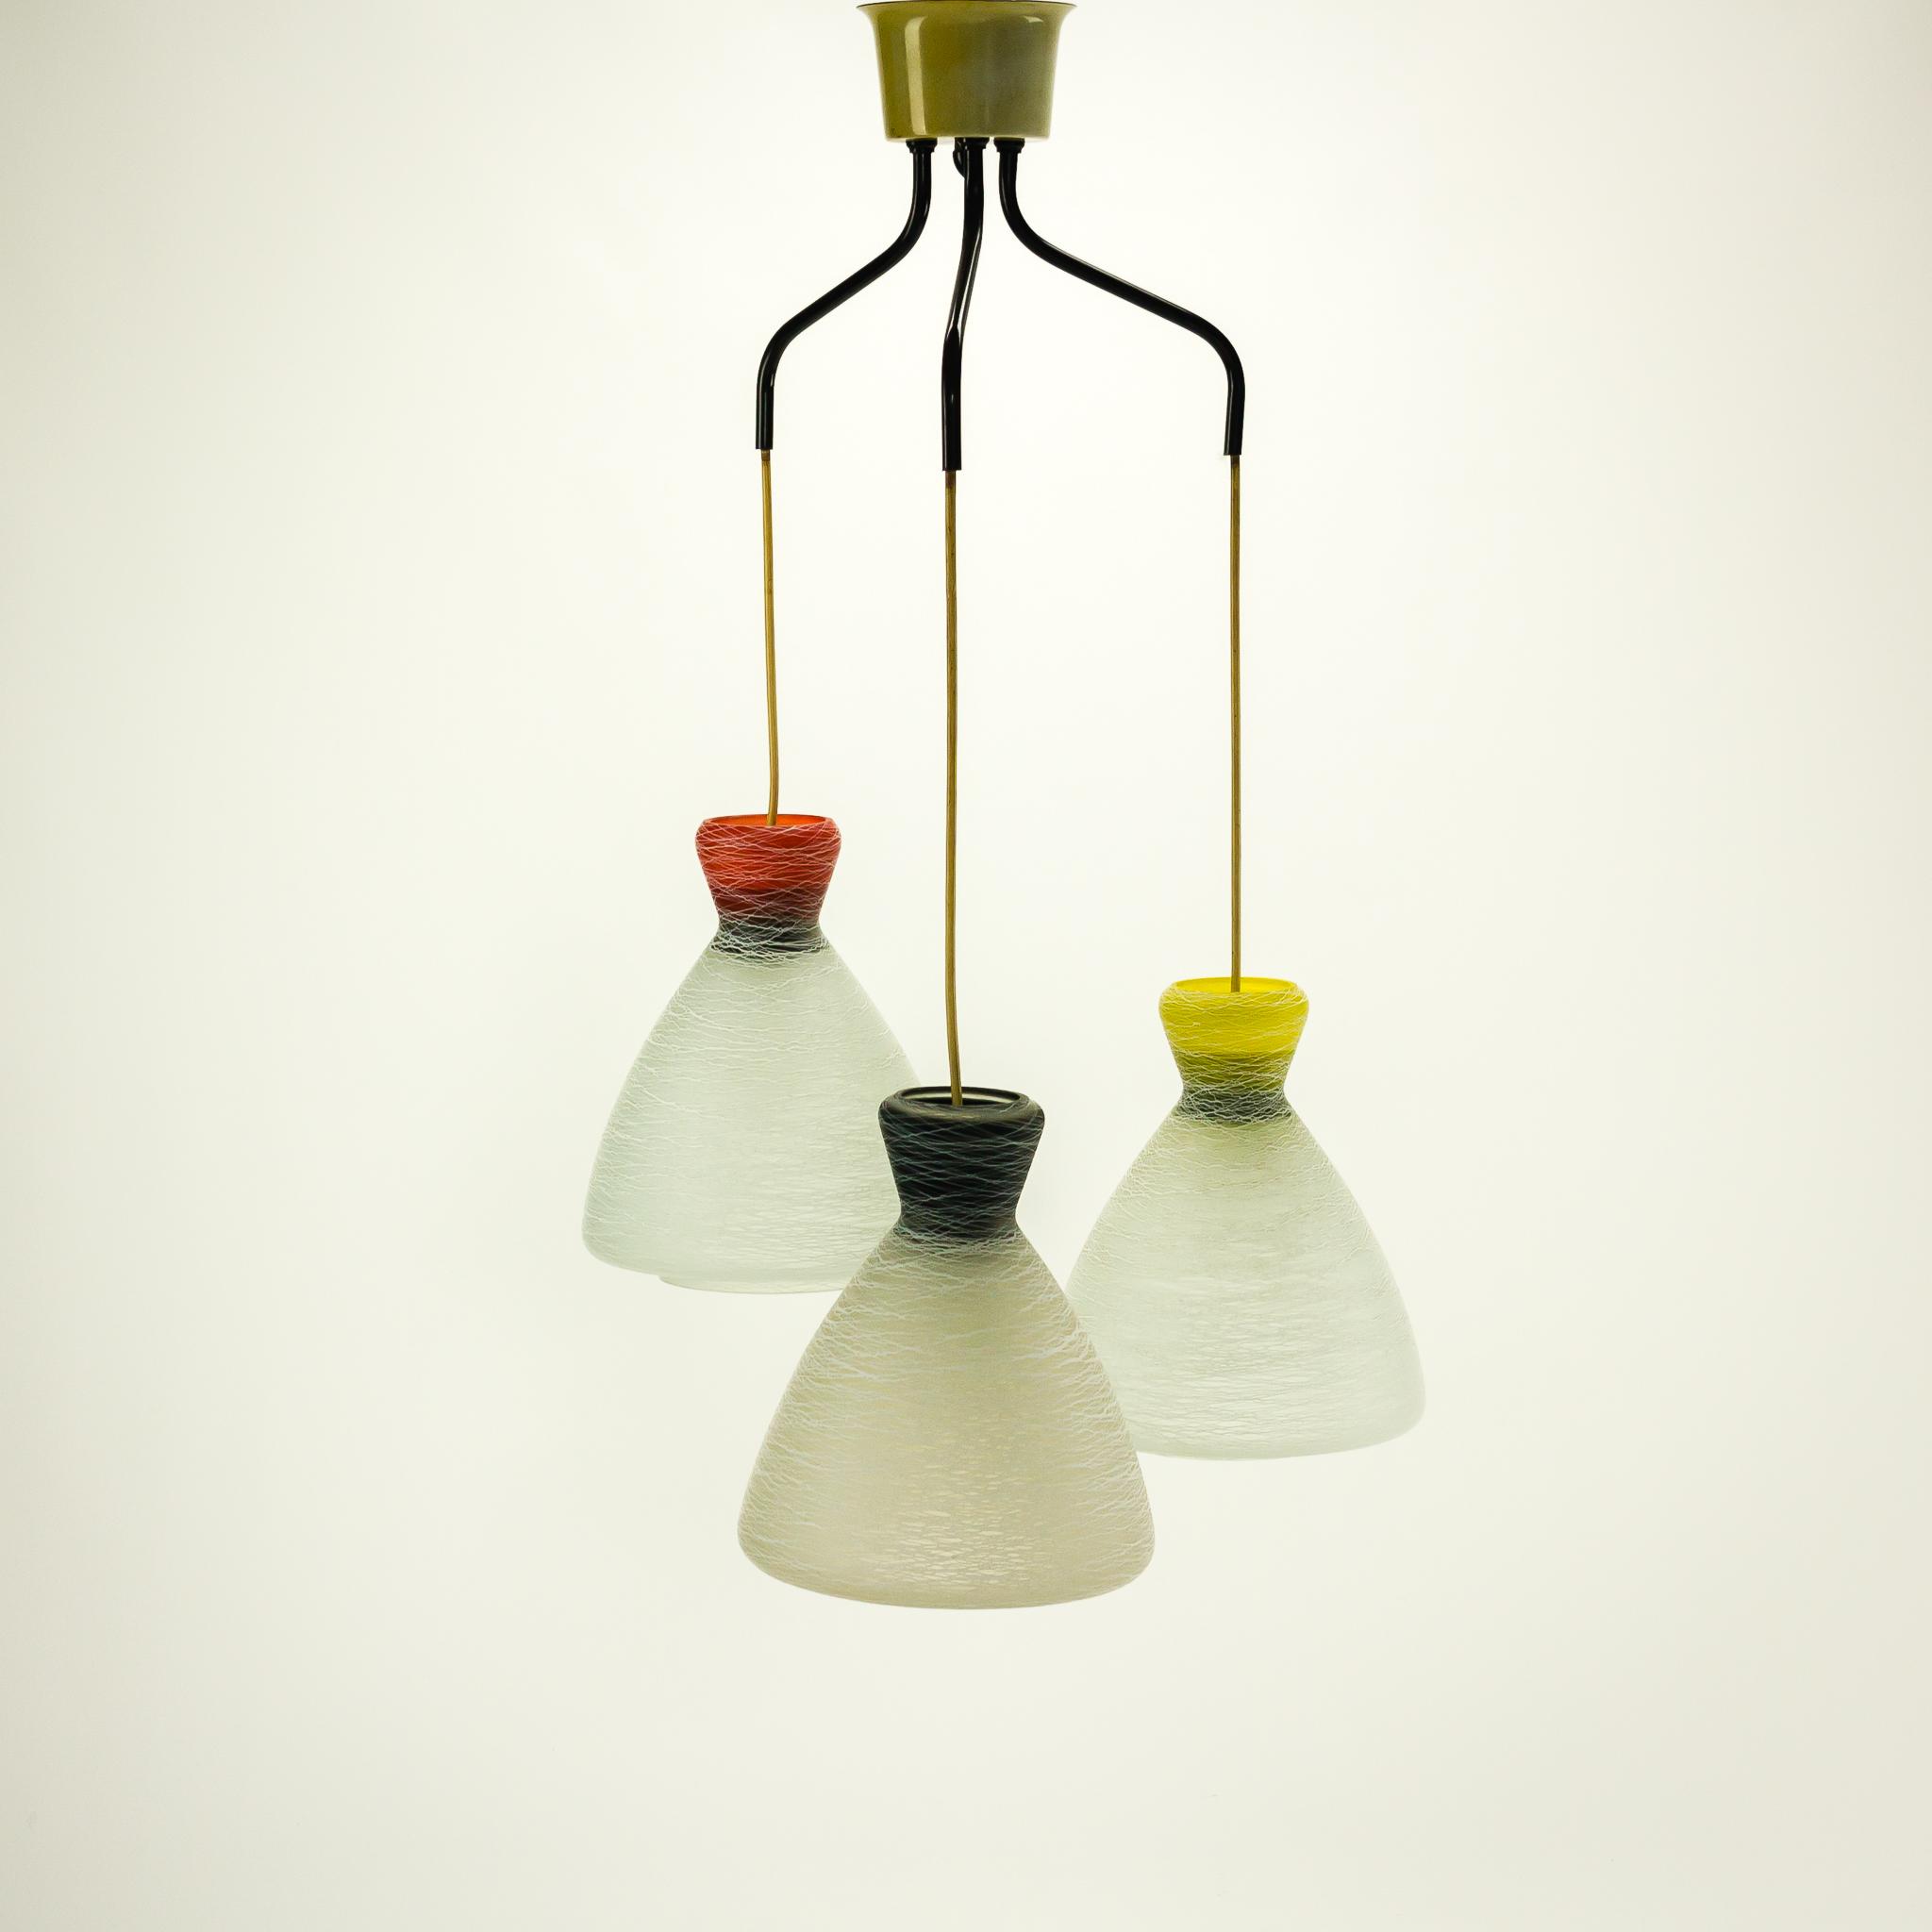 MG_1763 41060300L 60u0026#39;s hanglamp 3 kleuren kelp bewerkt glas Design ...